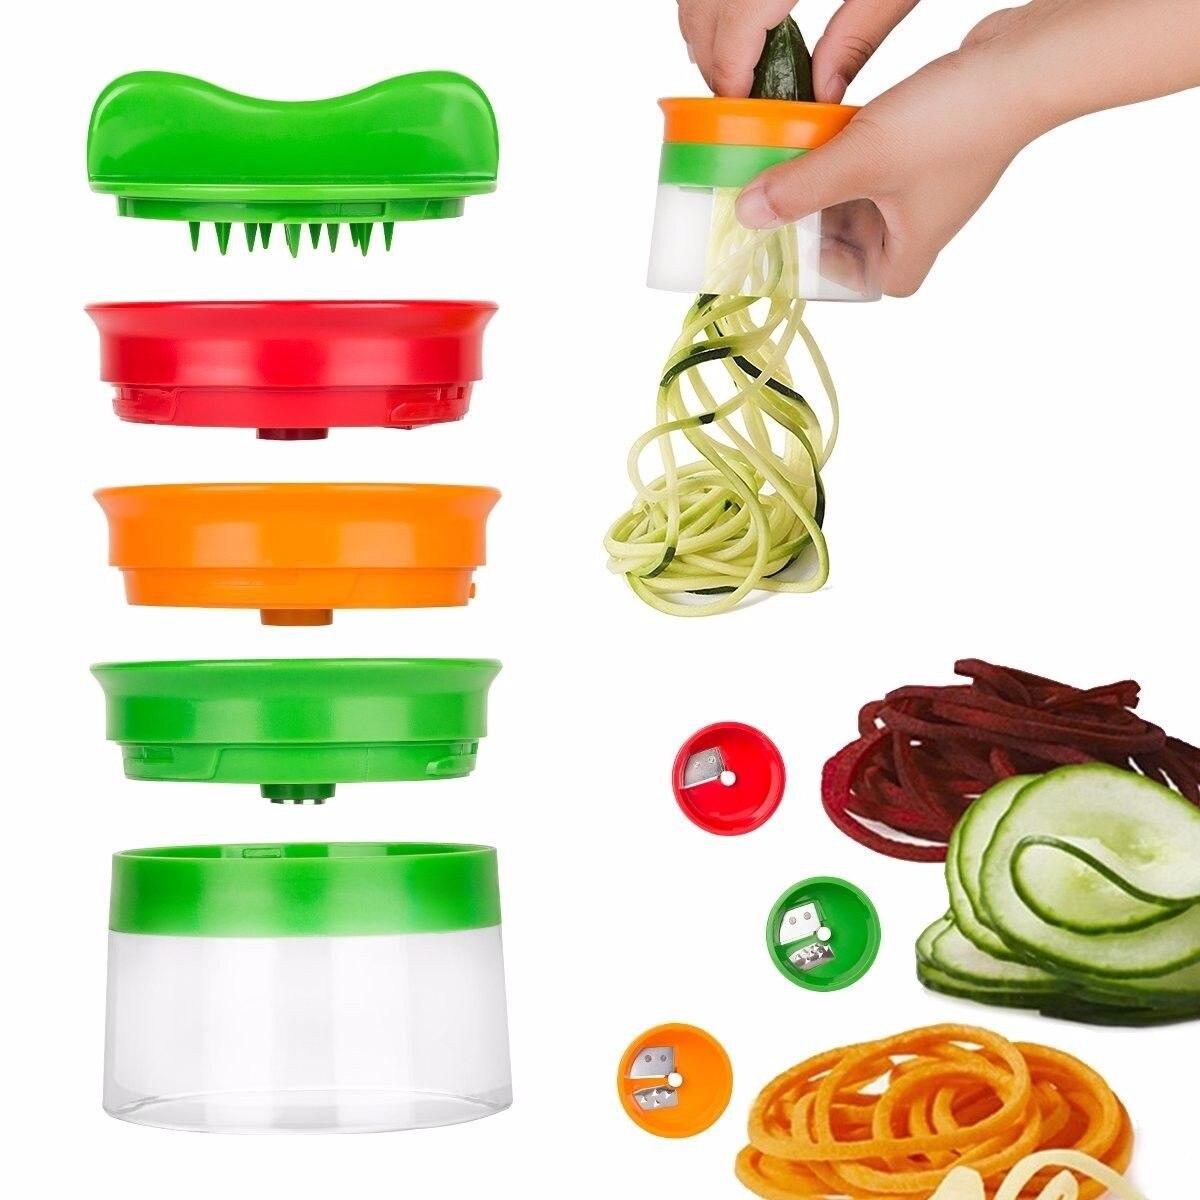 Новый Овощной Фрукты спиральный измельчитель нож Овощной Spiralizer тёрка для моркови огурец кабачок цуккини спагетти чайник челнока